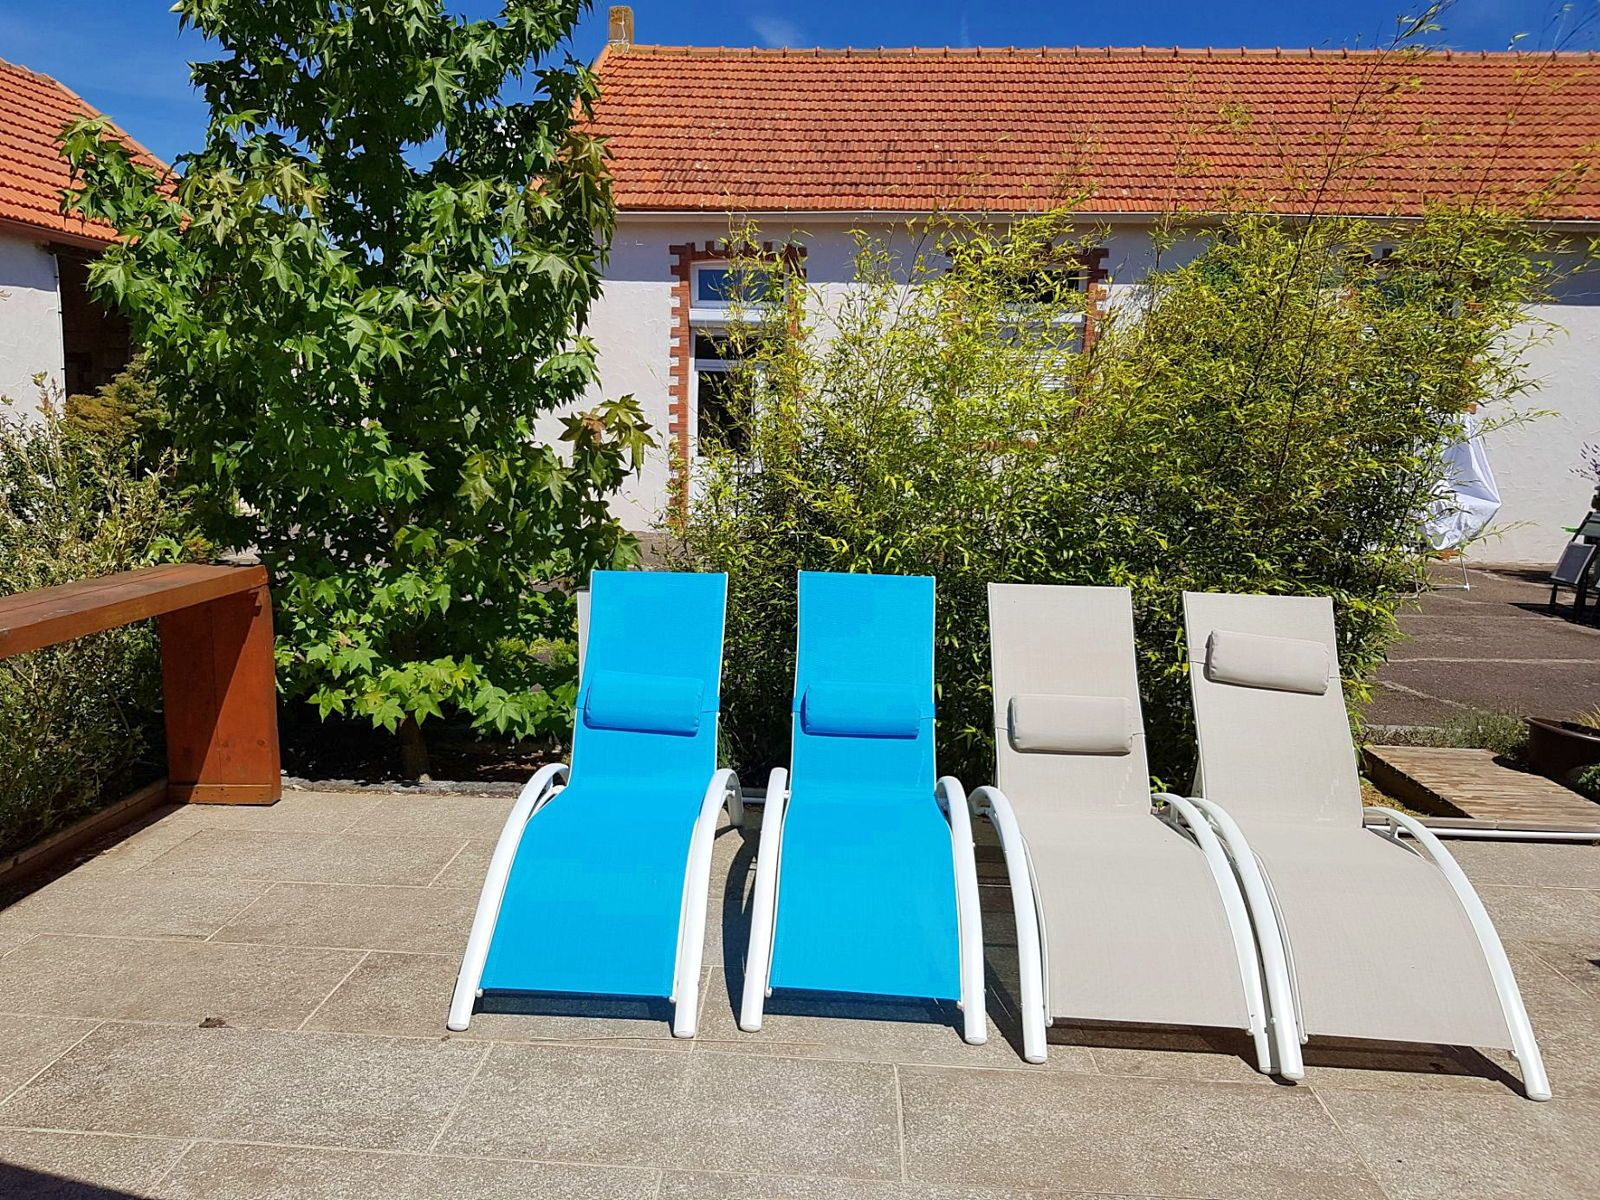 Loue gîte pour CONFINEMENT en VENDEE à 15minutes des plages - Saint-Urbain (85)